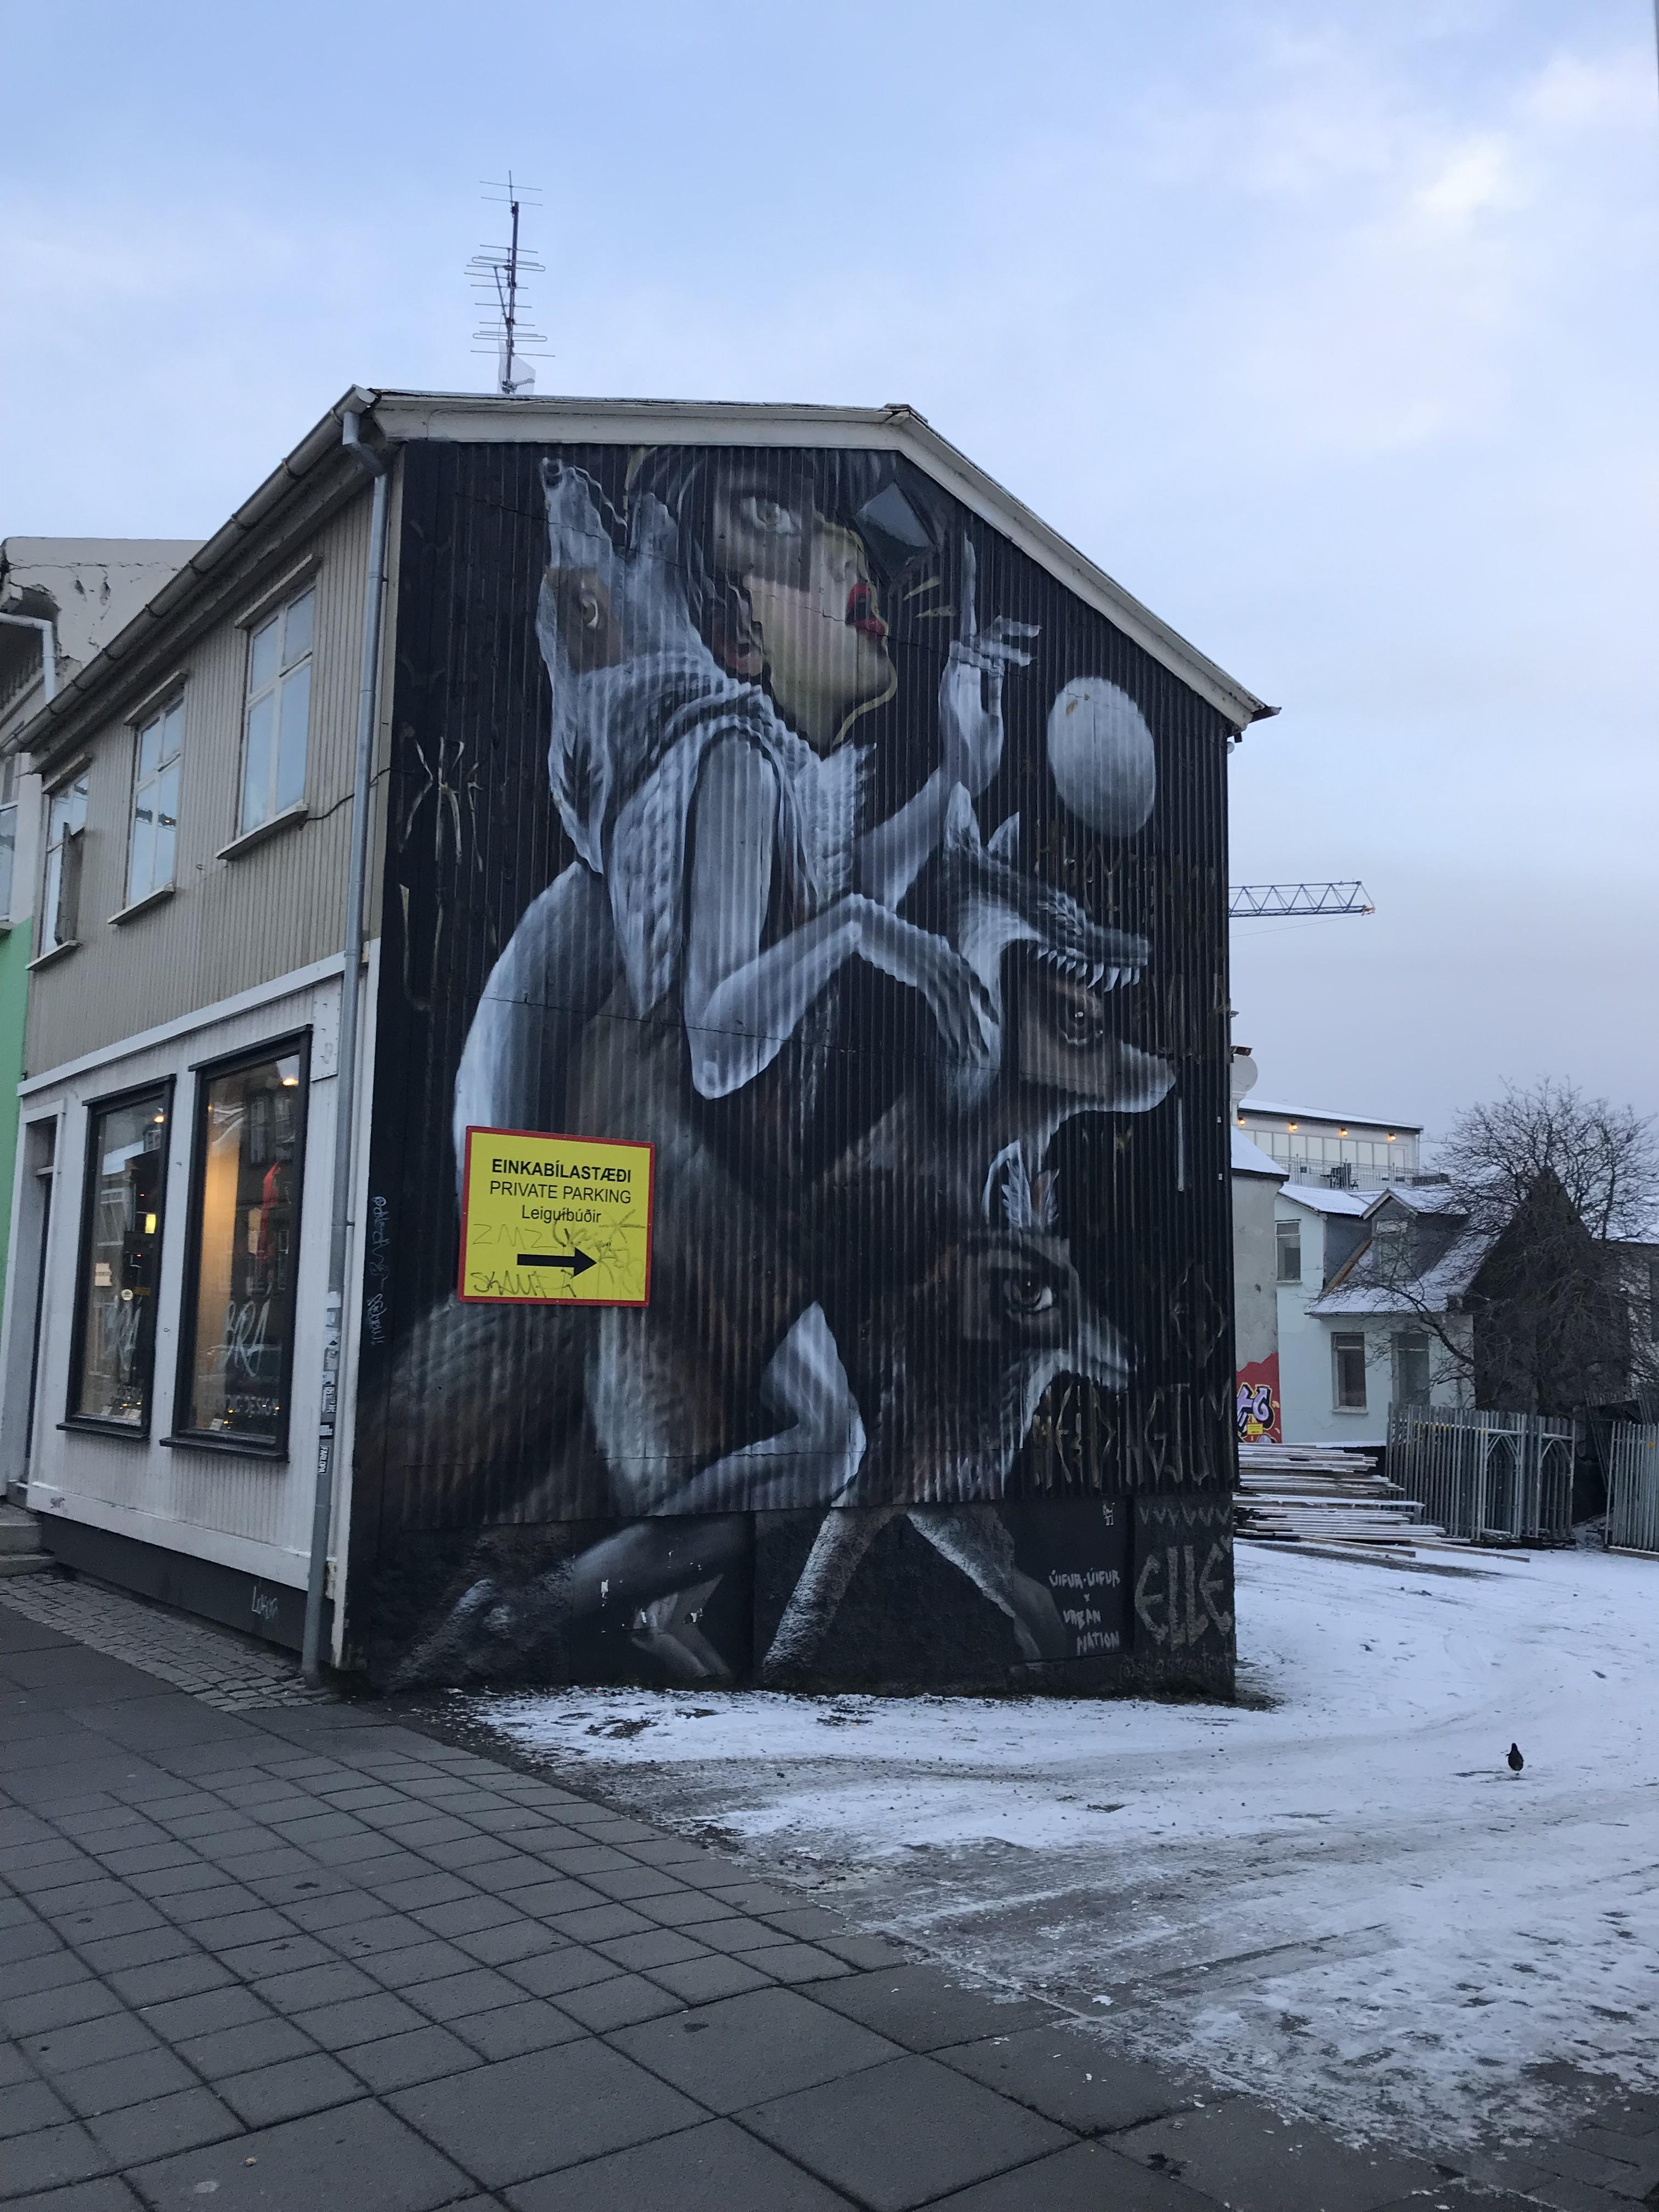 Reykjavik Iceland art